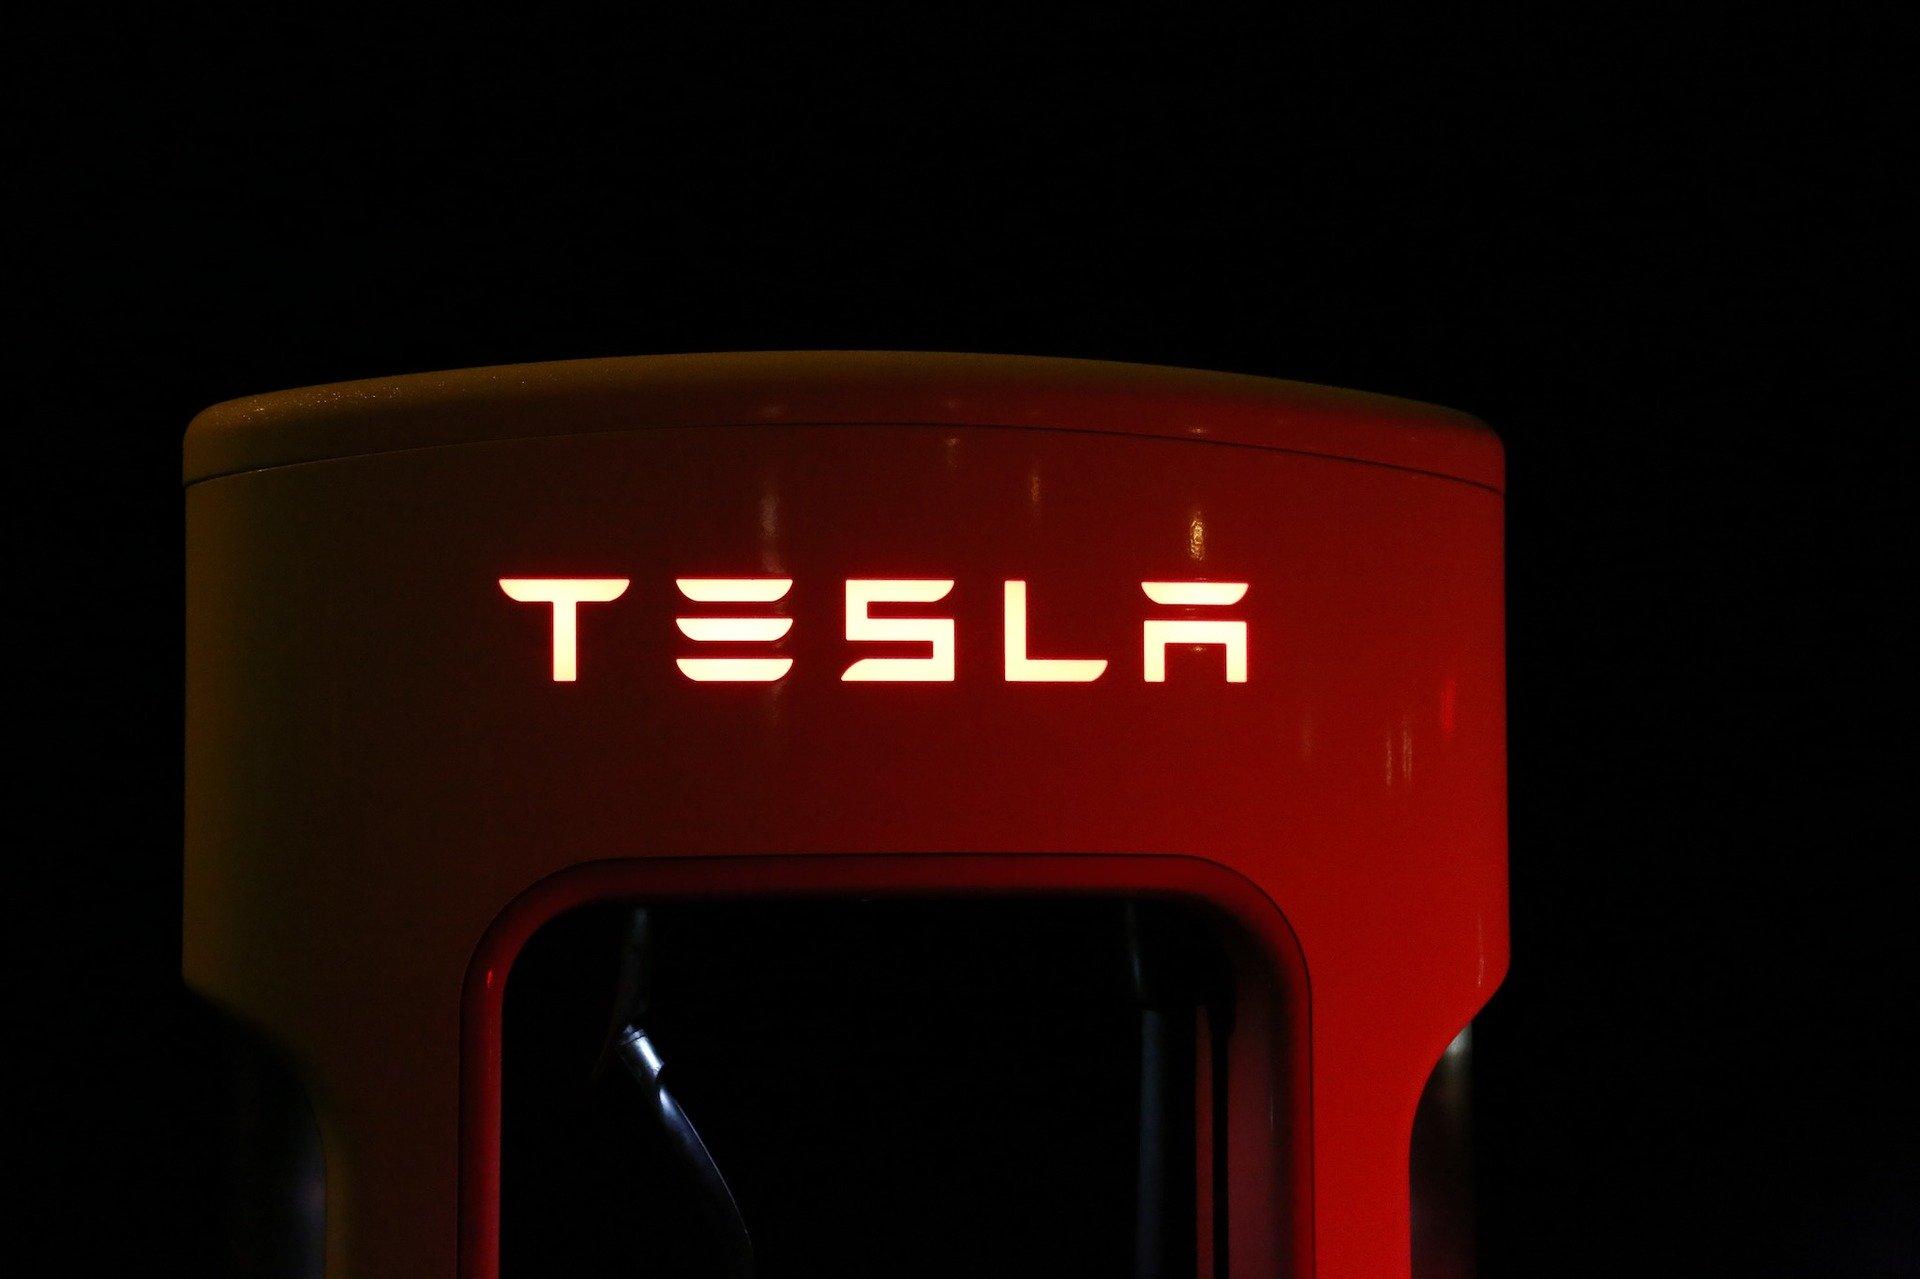 Tesla : l'Autopilot bridé en Europe